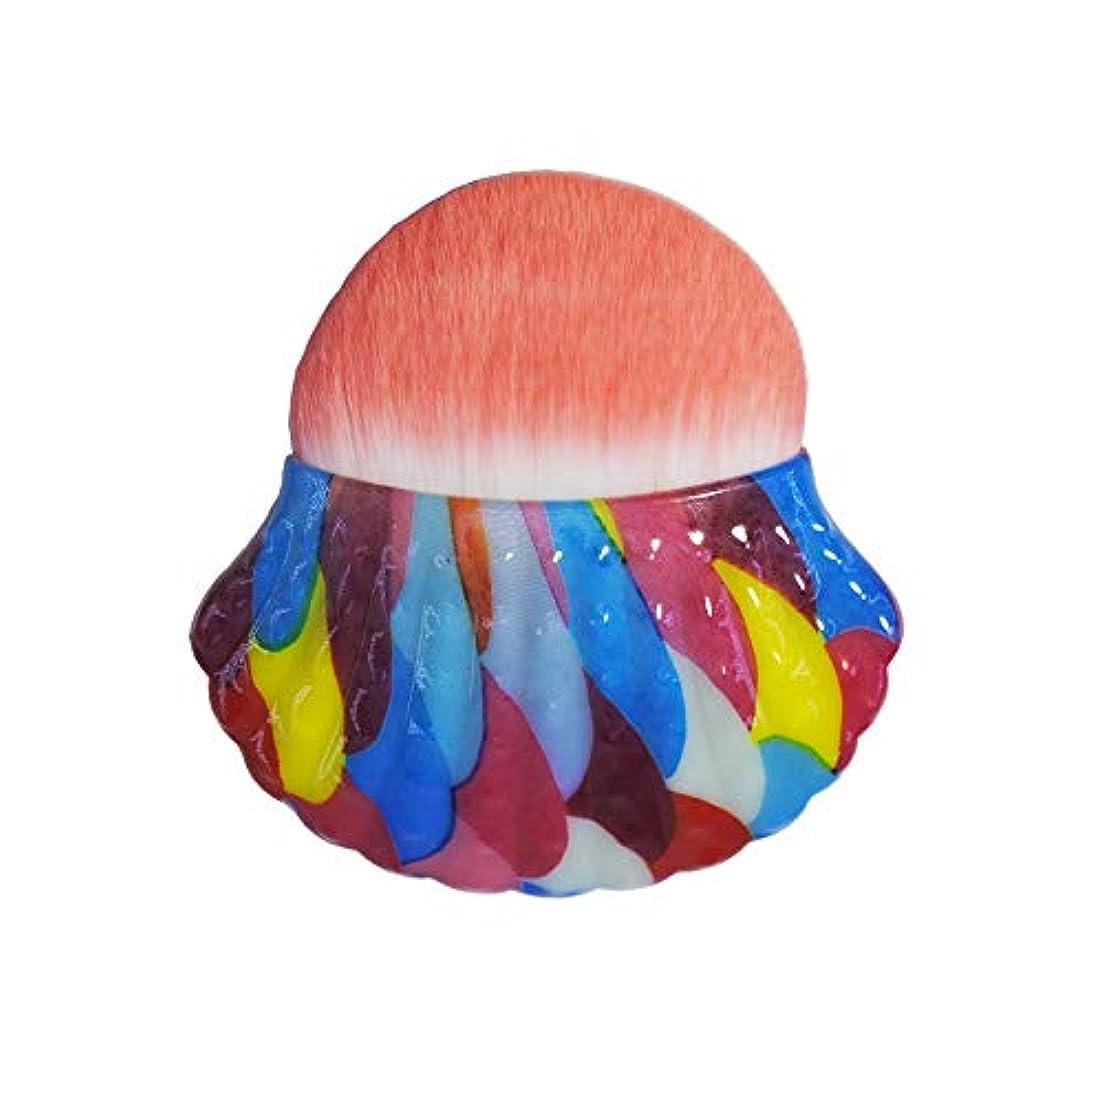 更新する立証するシエスタMakeup brushes 色、独占シェルタイプブラッシュブラシ美容メイクブラシツールポータブル多機能メイクブラシ suits (Color : Rainbow)